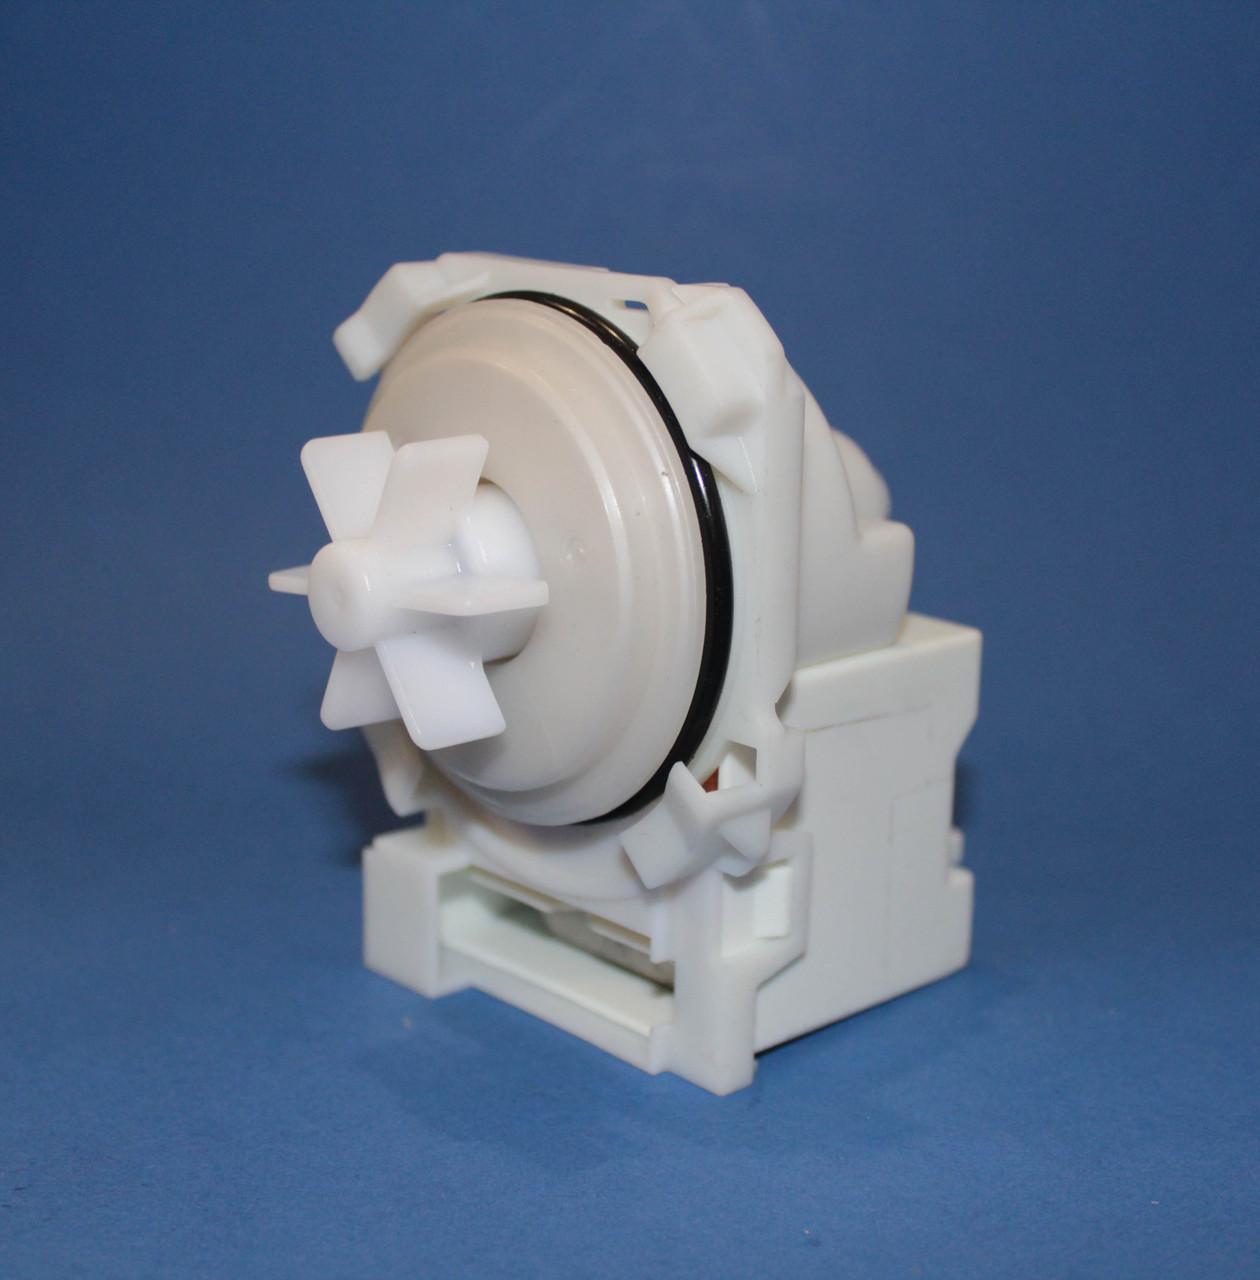 Насос для стиральной машины Bosch, Siemens (фишка сзади)